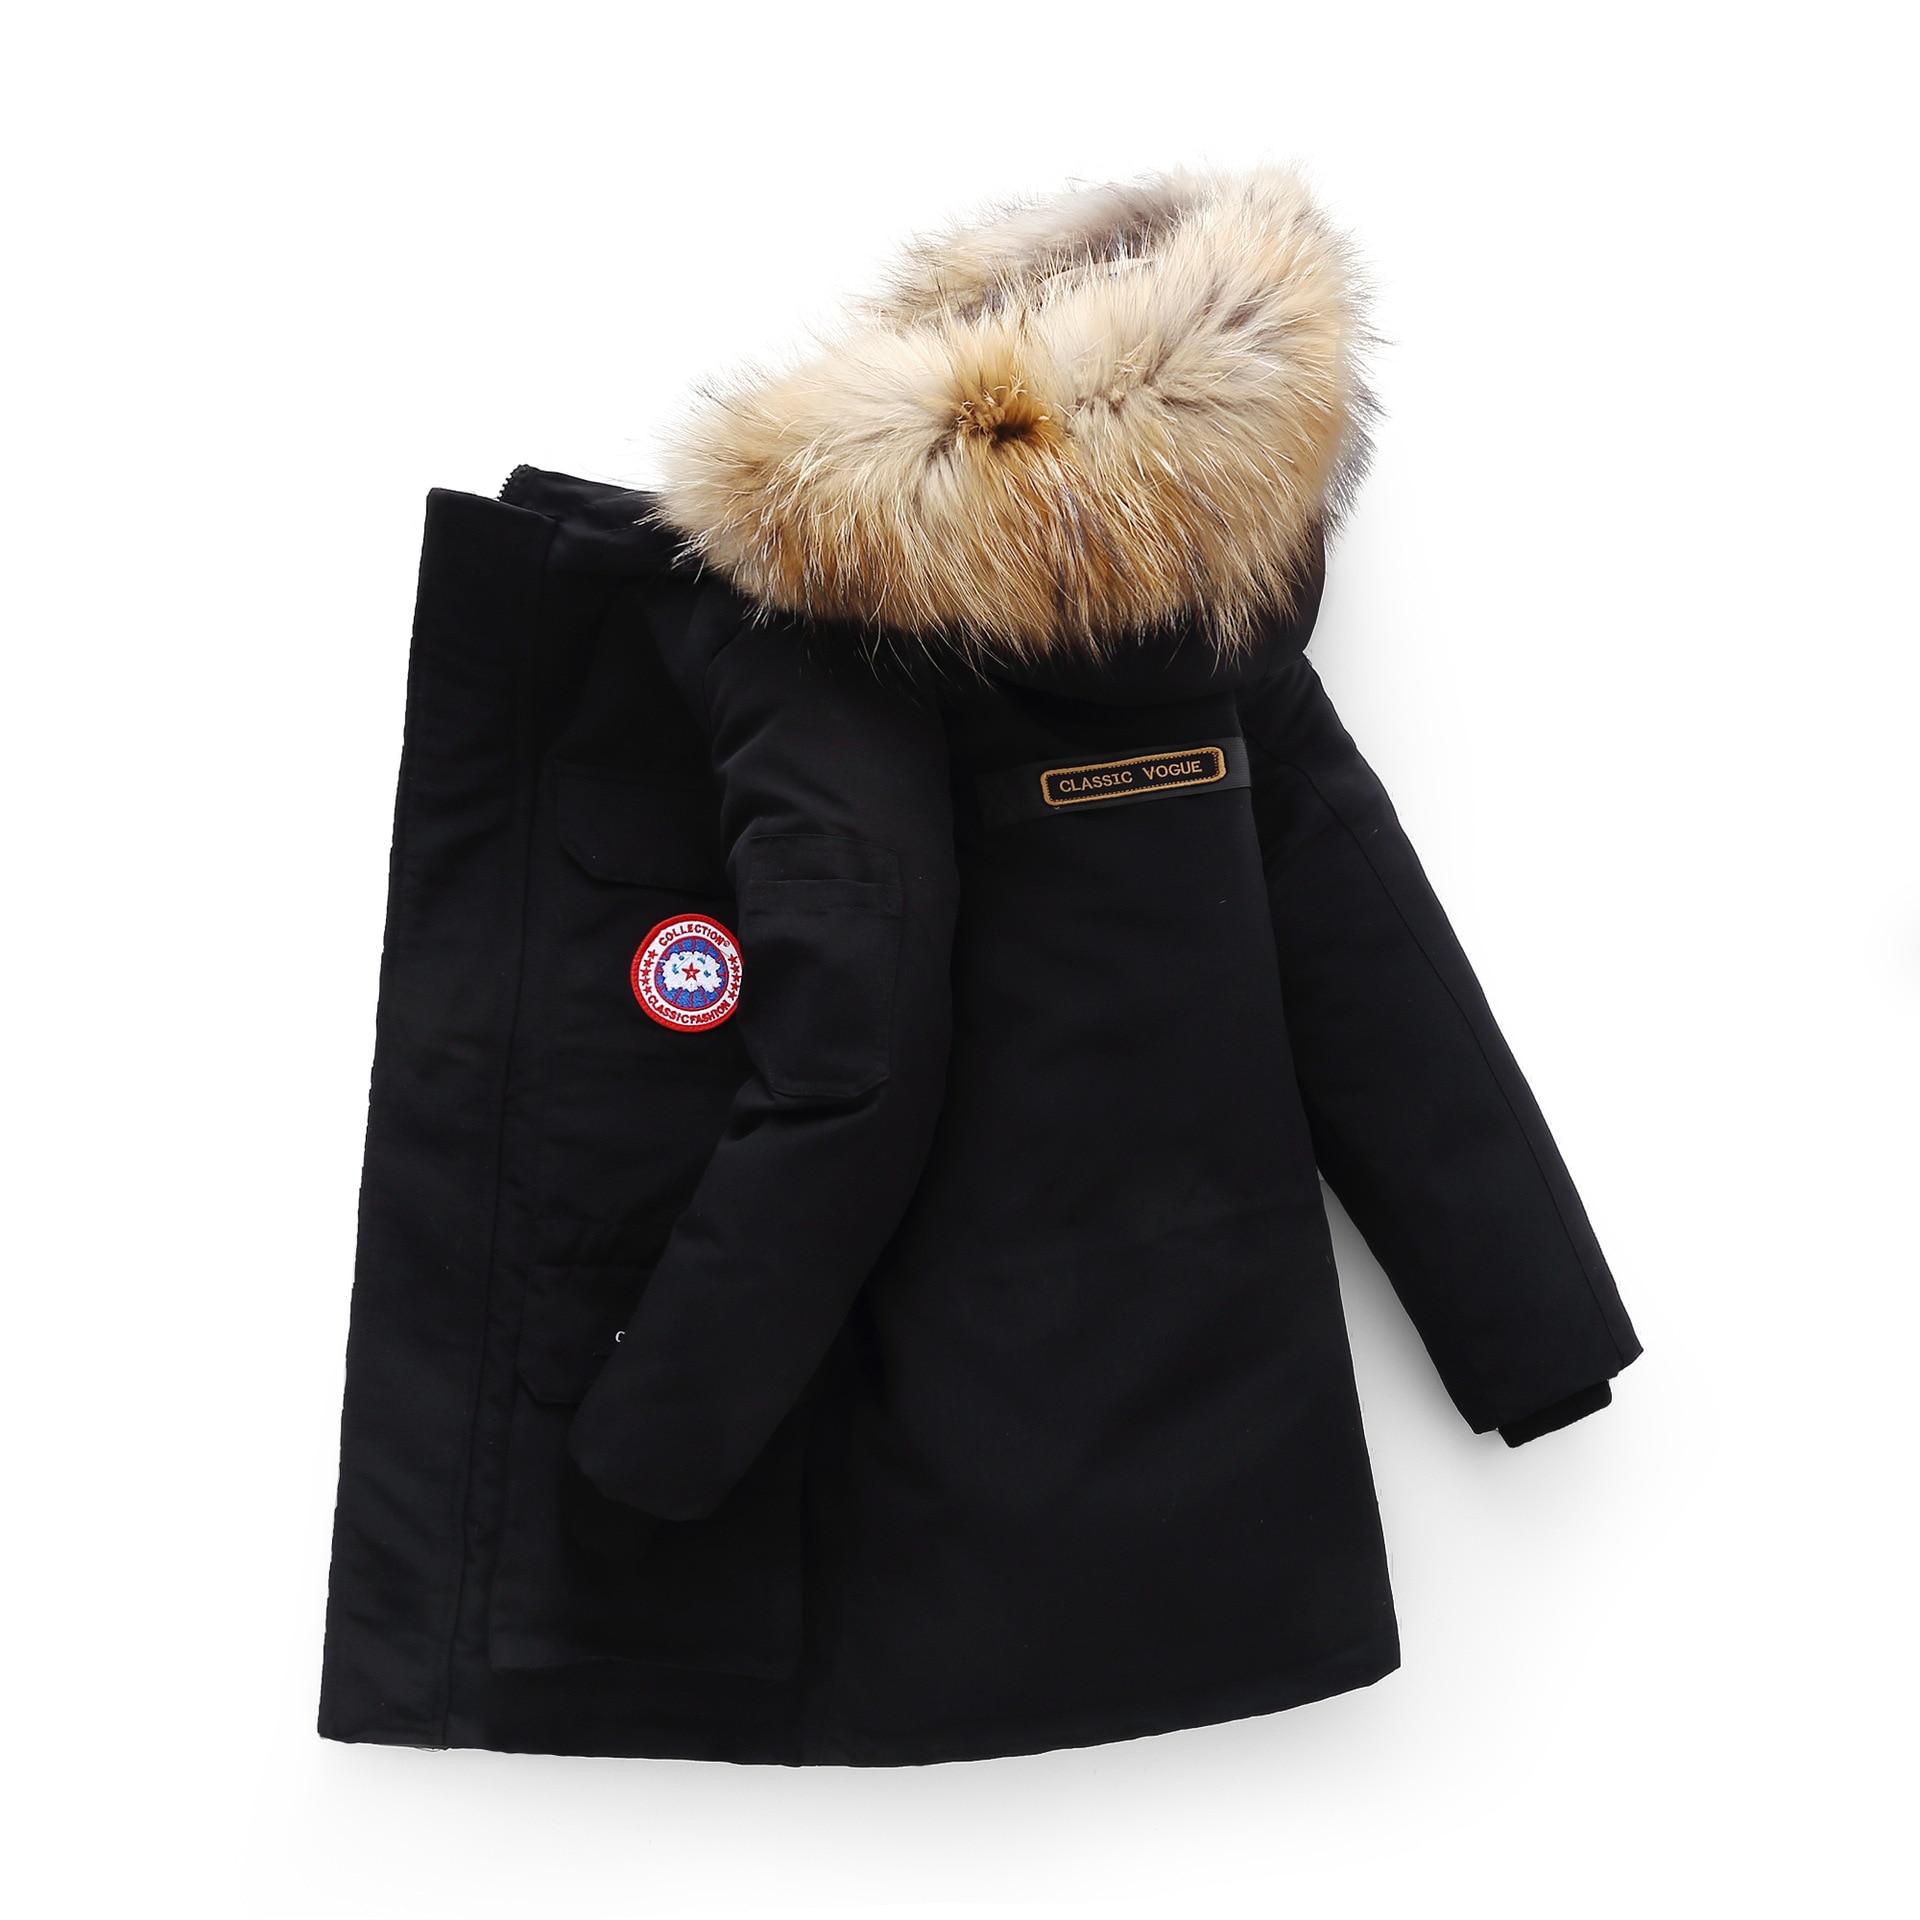 Haut hiver doudoune parka pour filles garçons manteaux garçons doudoune vêtements pour enfants pour vêtements de neige vêtements d'extérieur pour enfant et manteaux